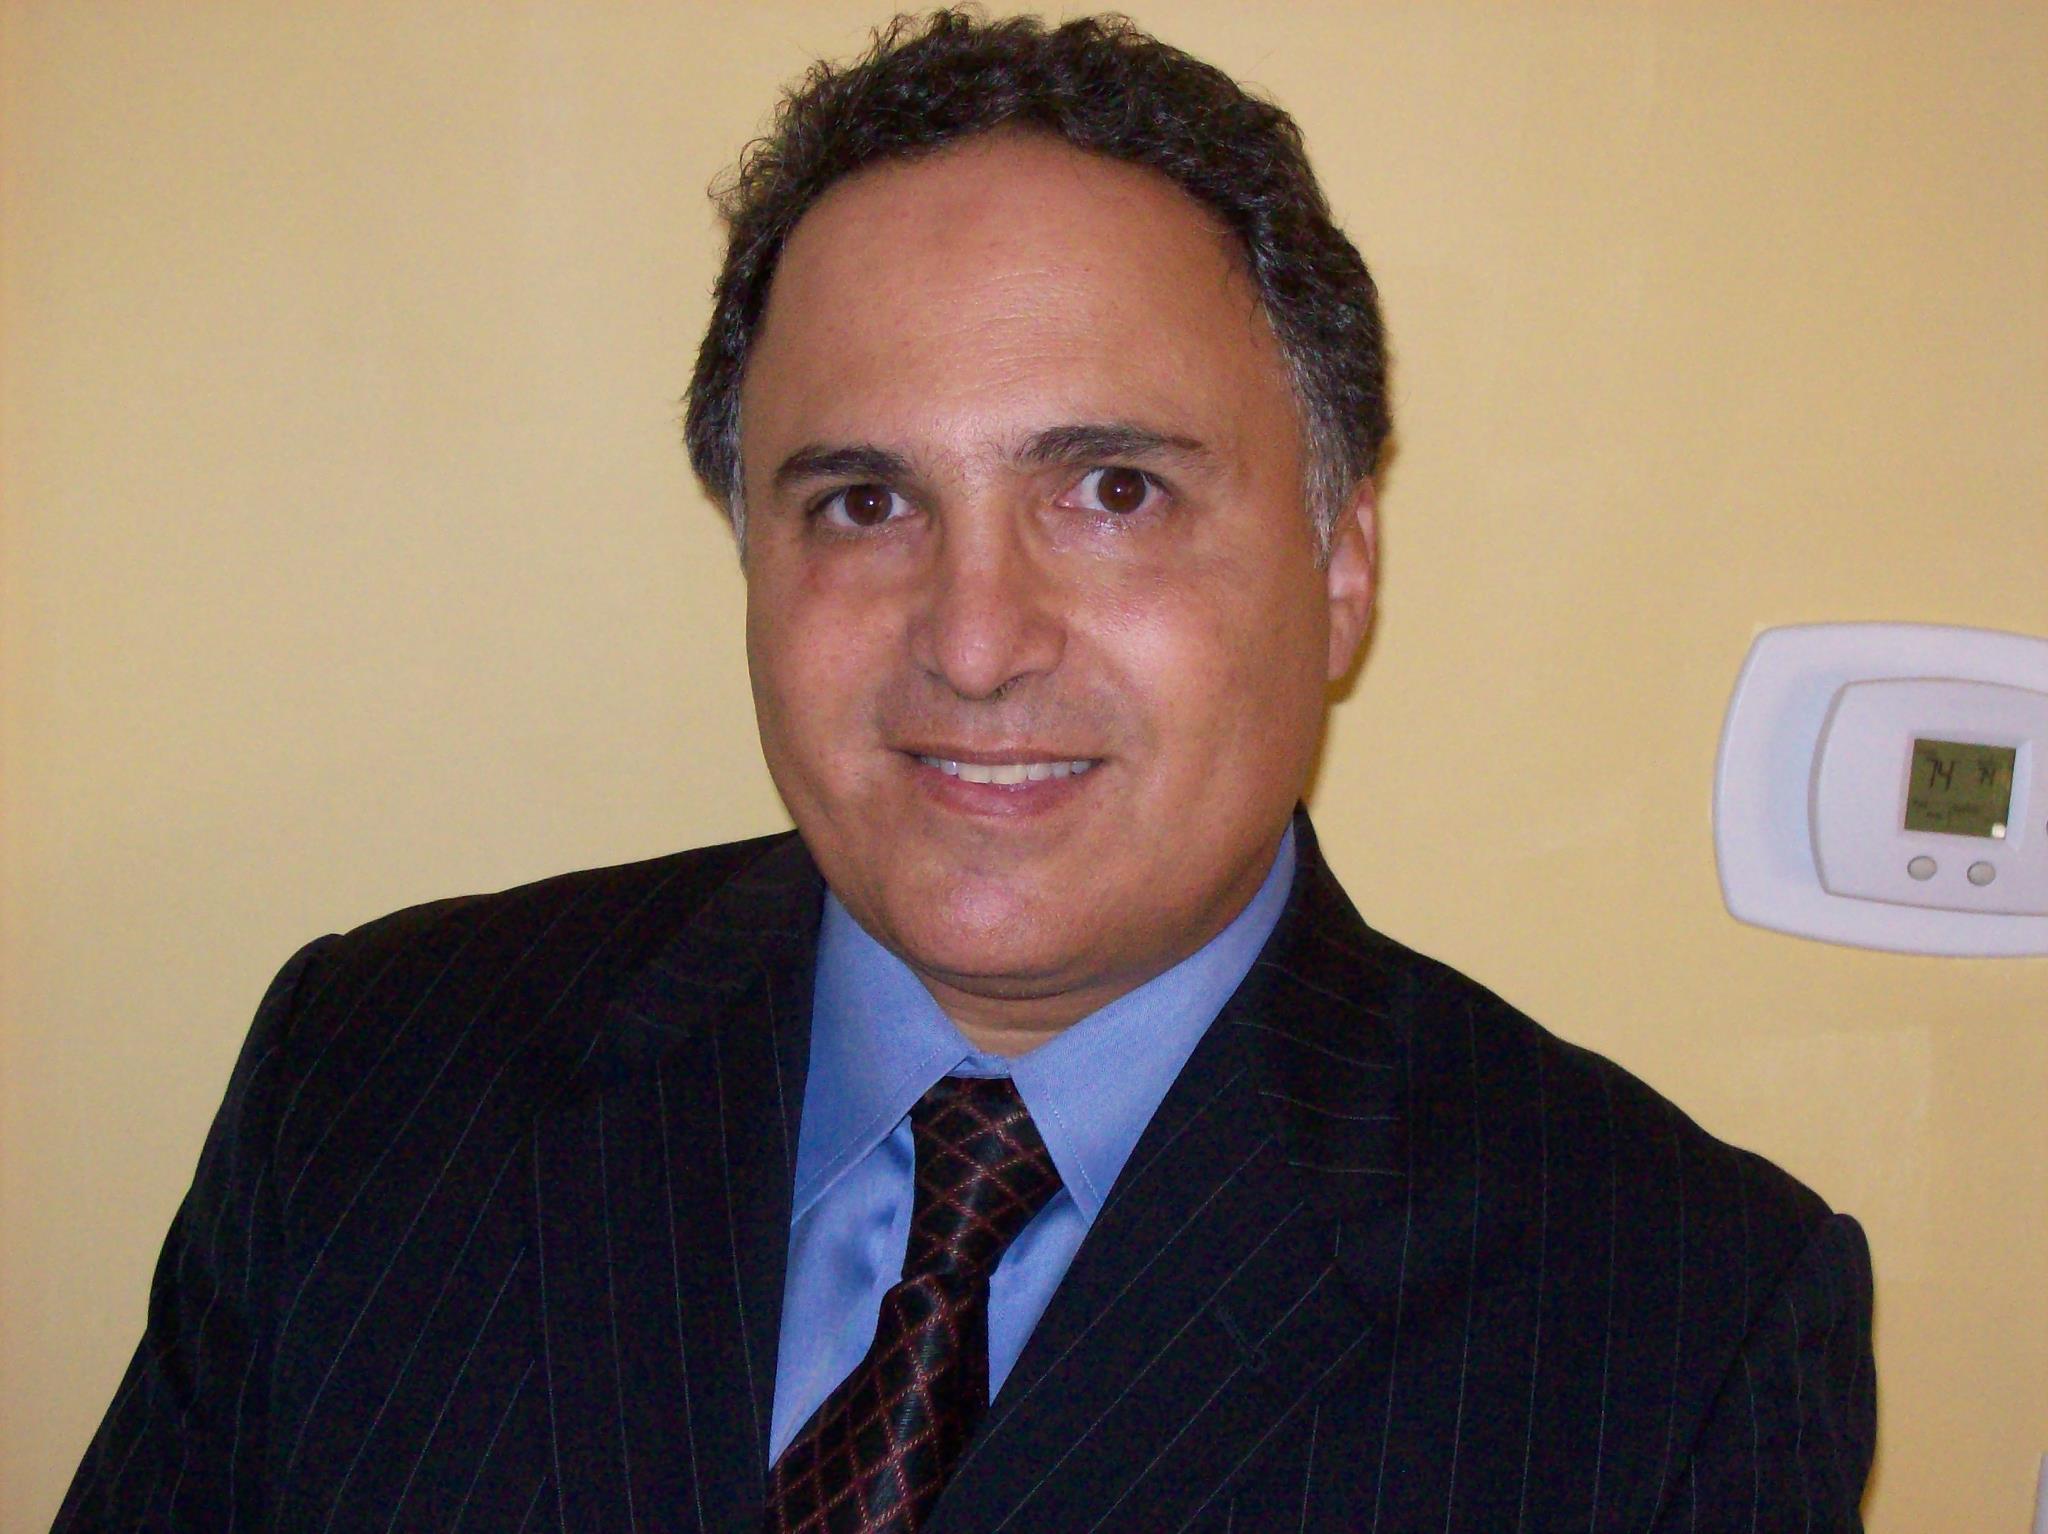 Lonnie M. Greenblatt, Attorney at Law